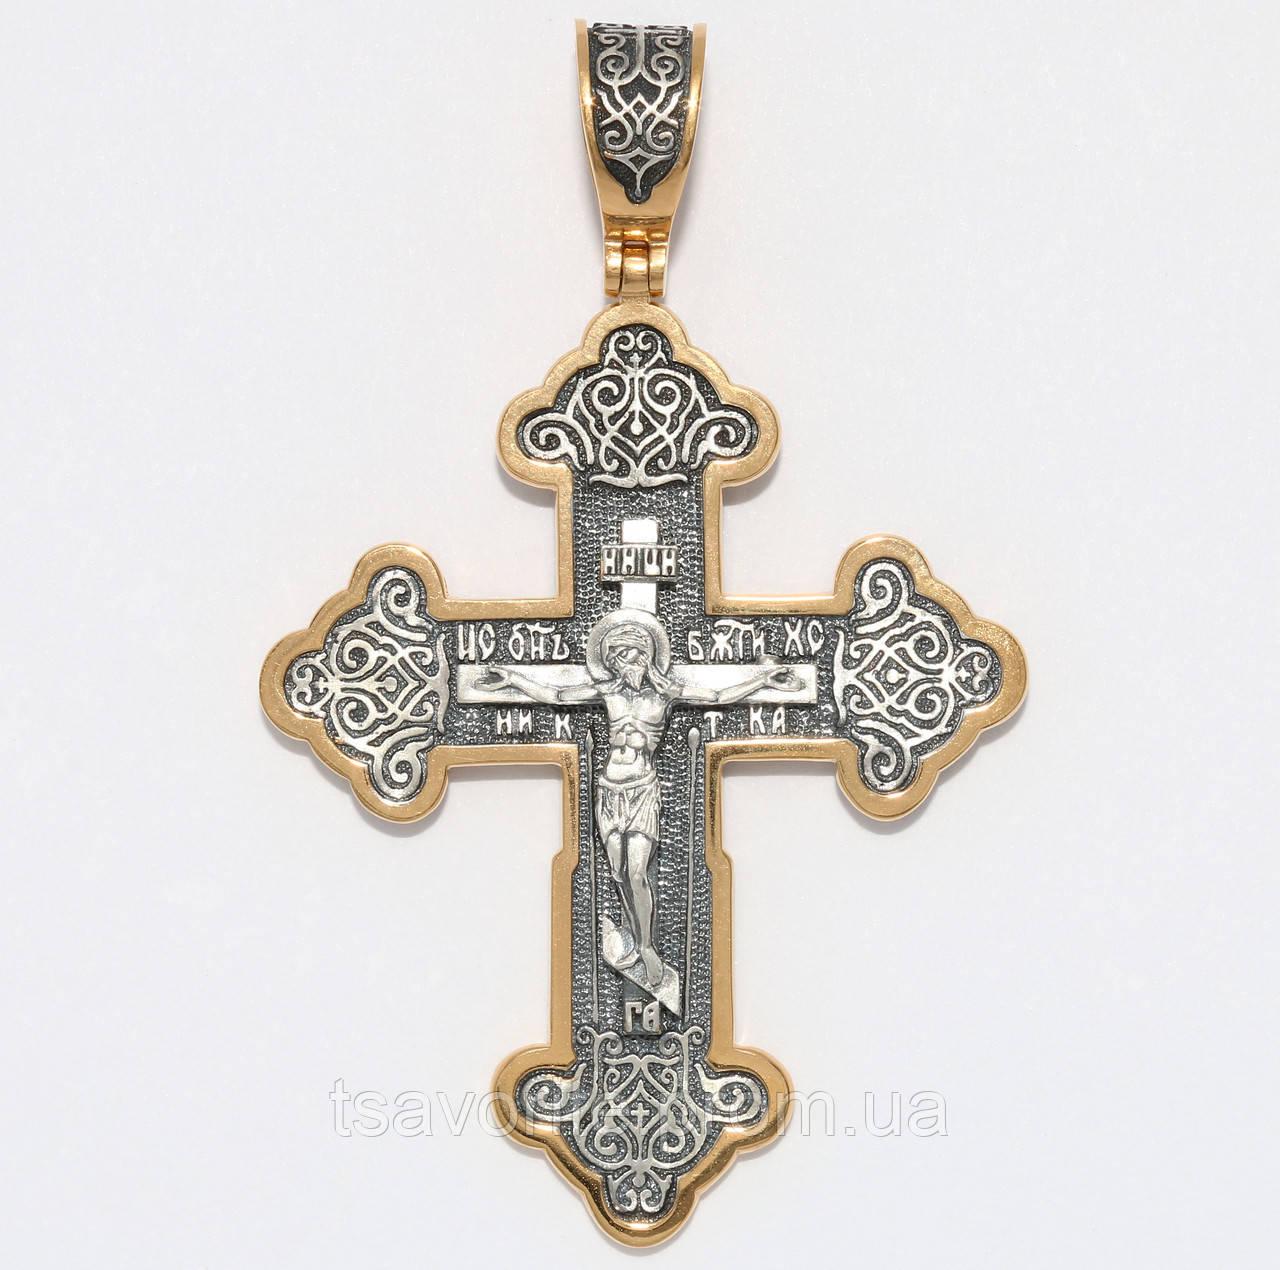 Серебряный позолоченный крестик ВКХ-102